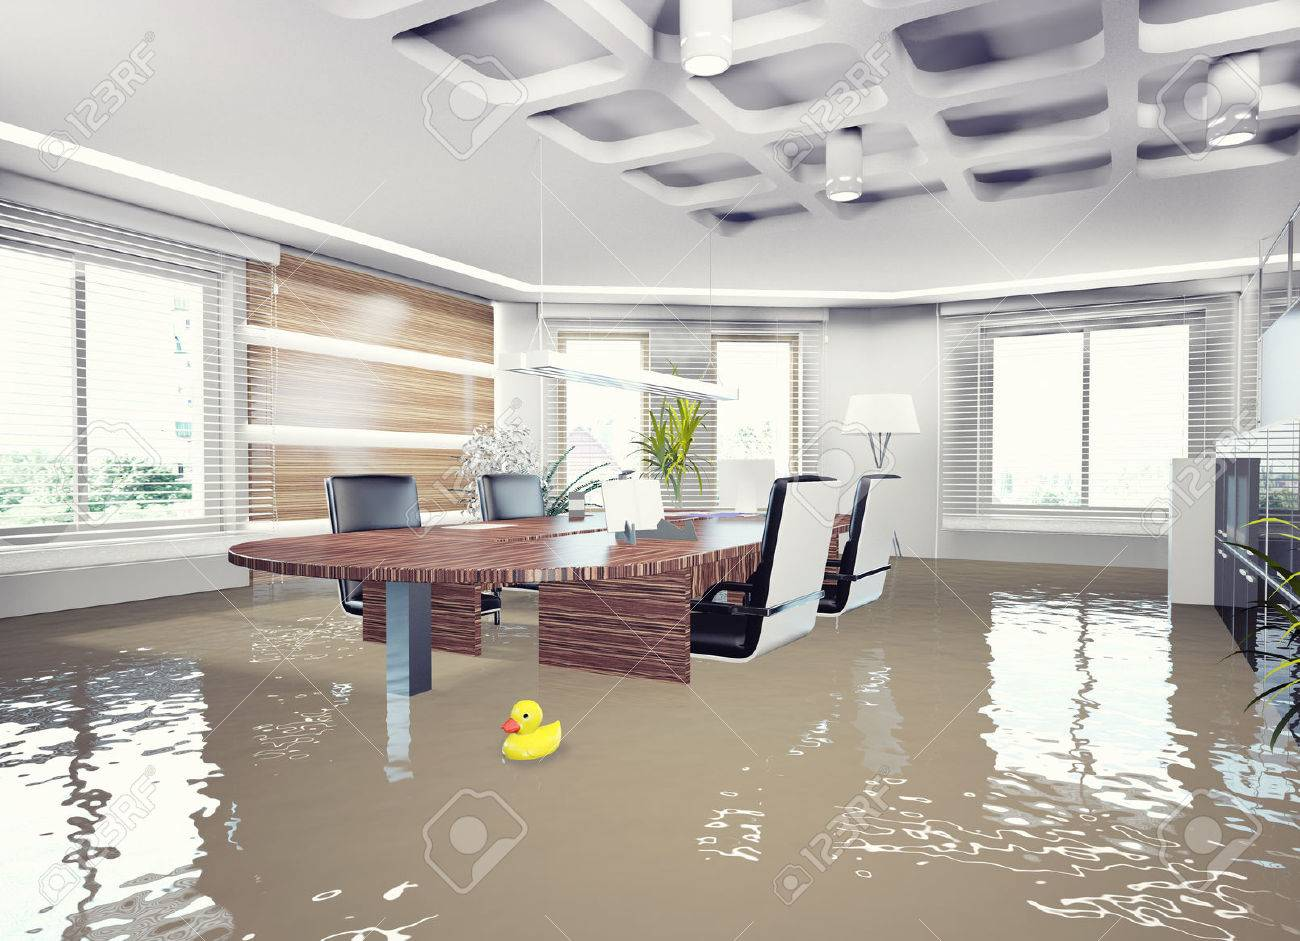 Berschwemmungen Büro-Interieur. 3D-Konzept Lizenzfreie Fotos, Bilder ...